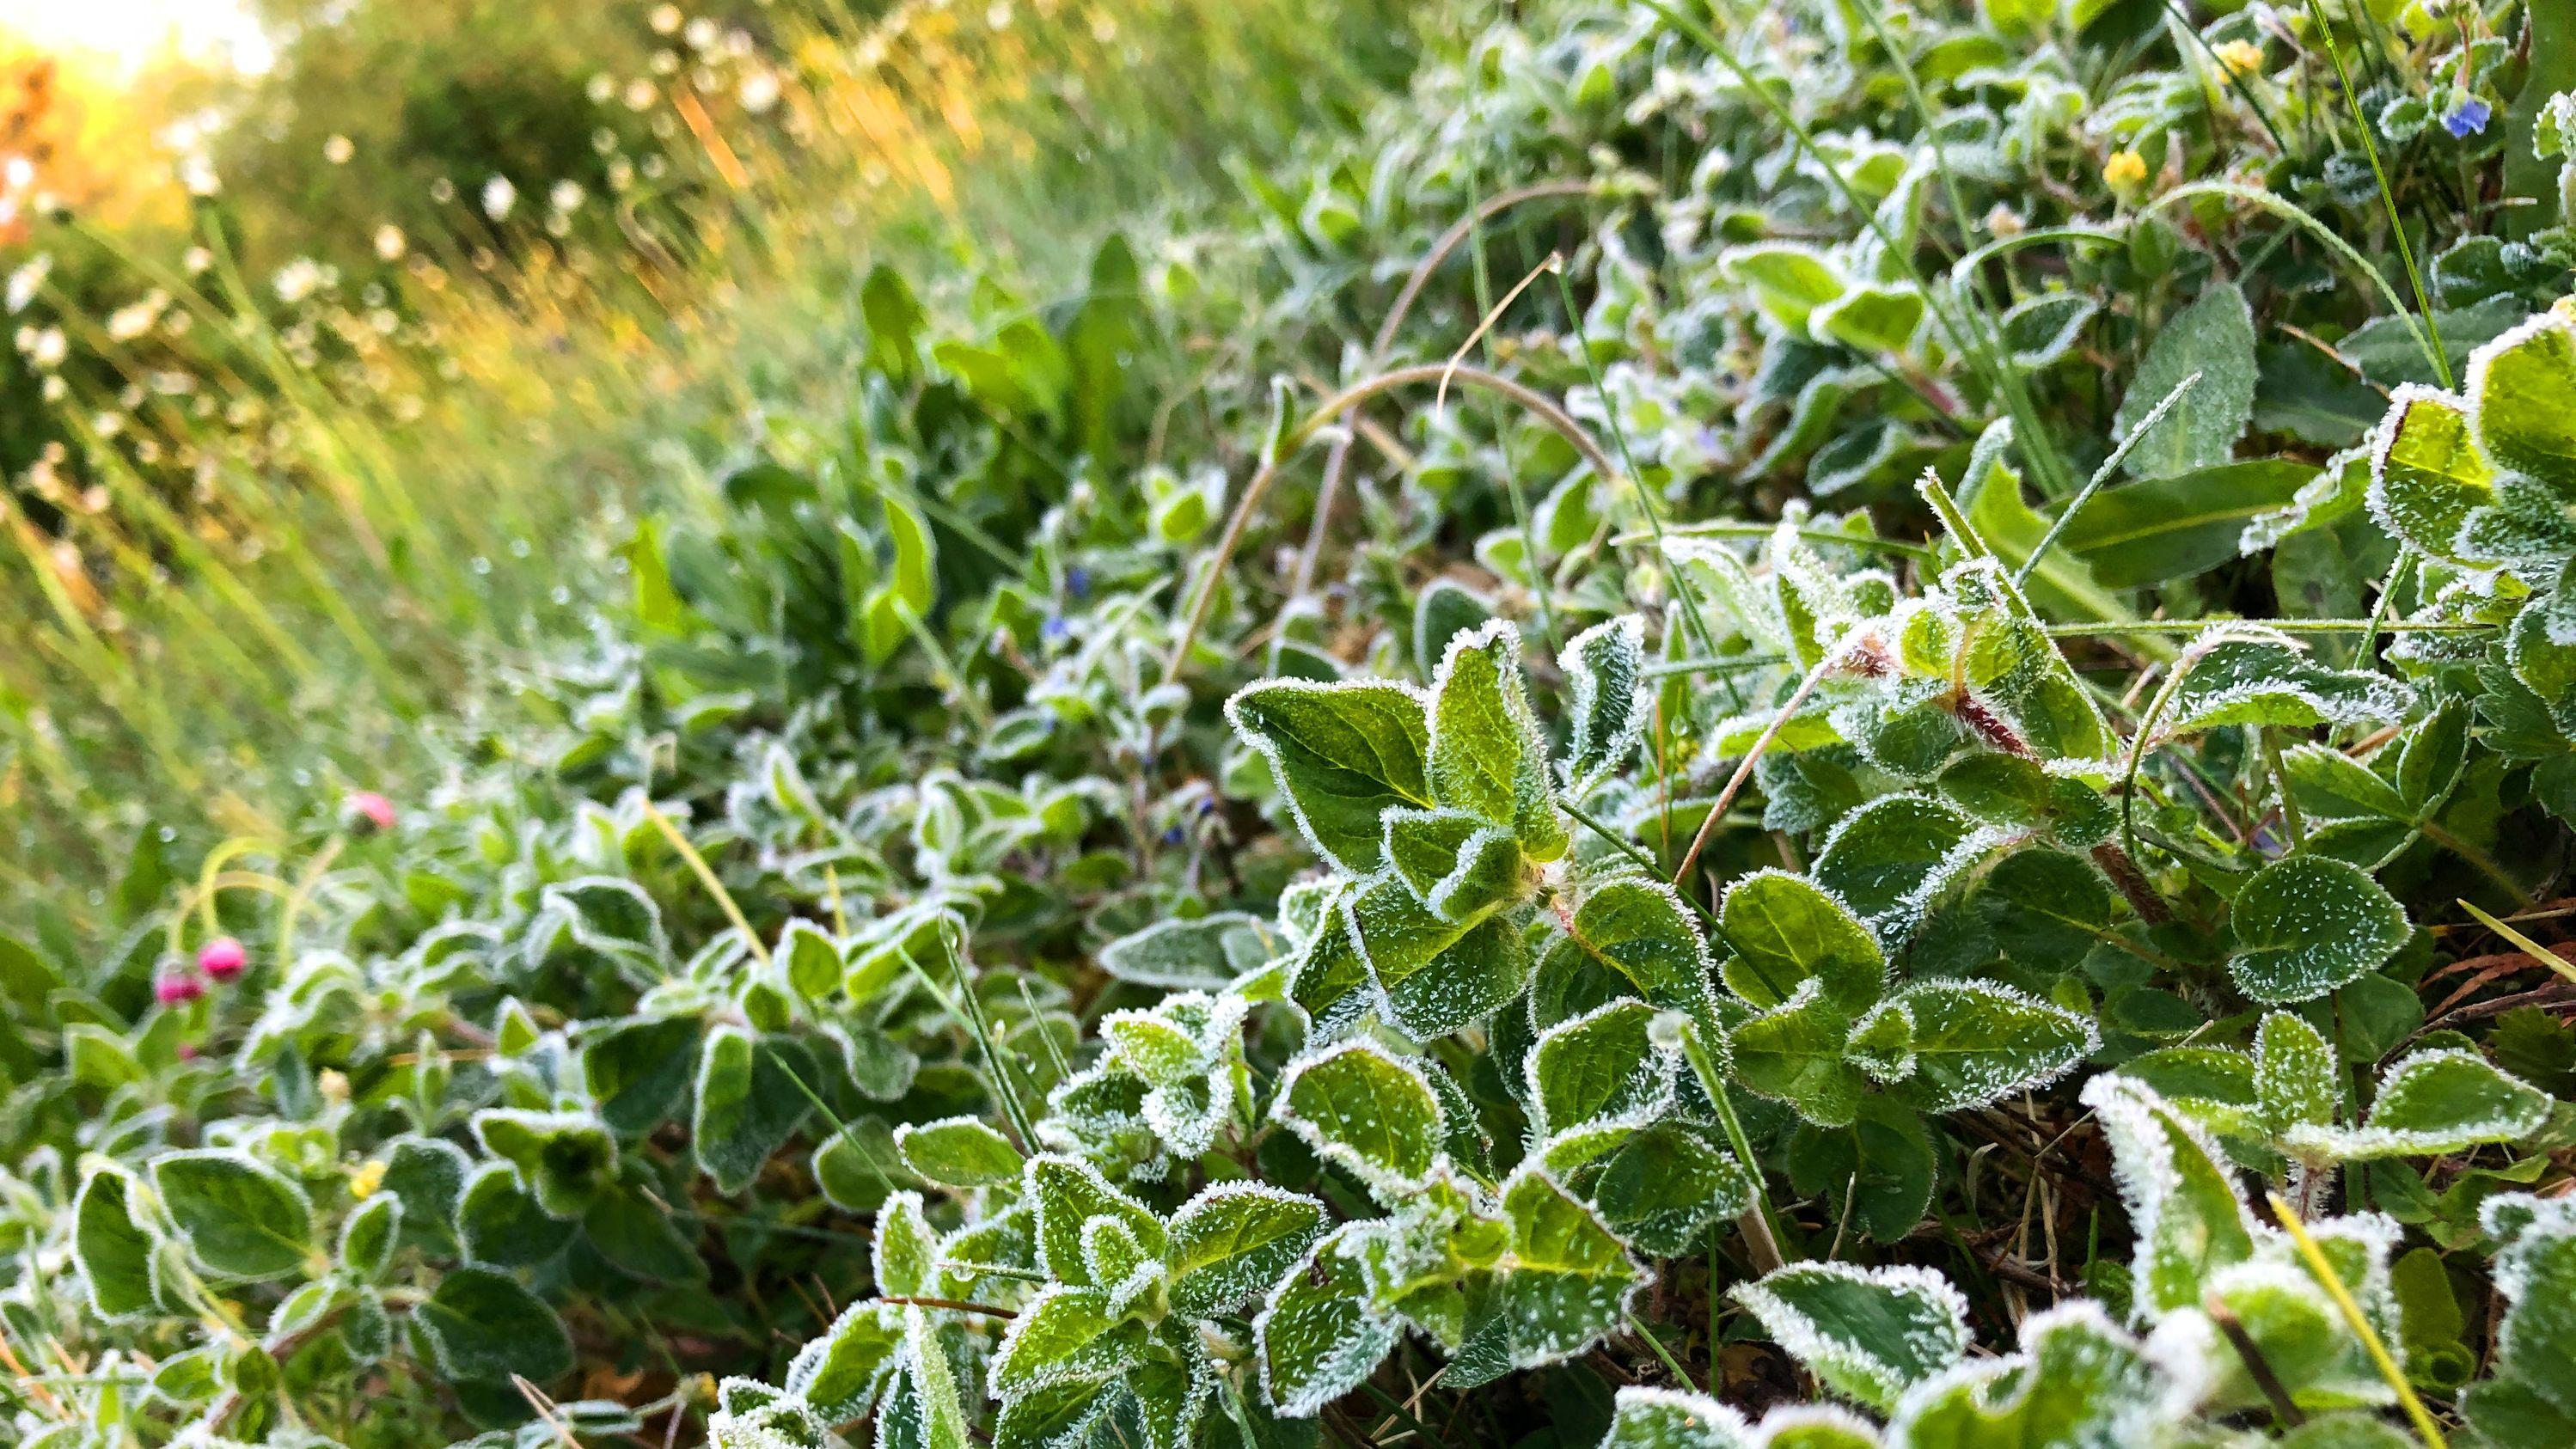 Mit Fost überzogen sind diese Pflanzen nach einer kalten Nacht in Bayern.